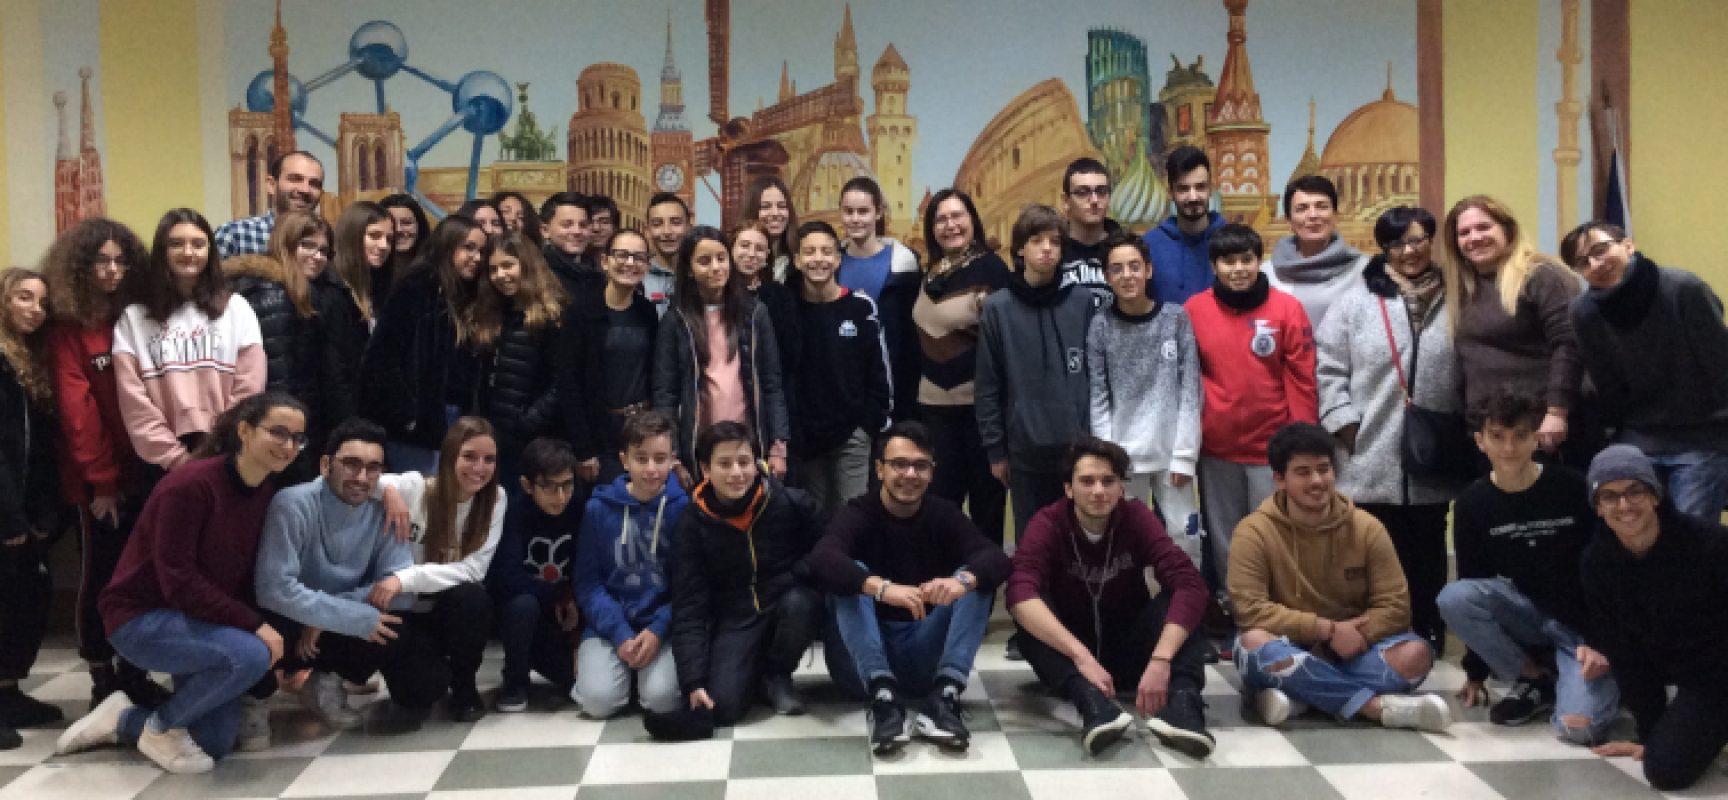 Let's explore Europe, l'Europa raccontata dai giovani delle nostre scuole